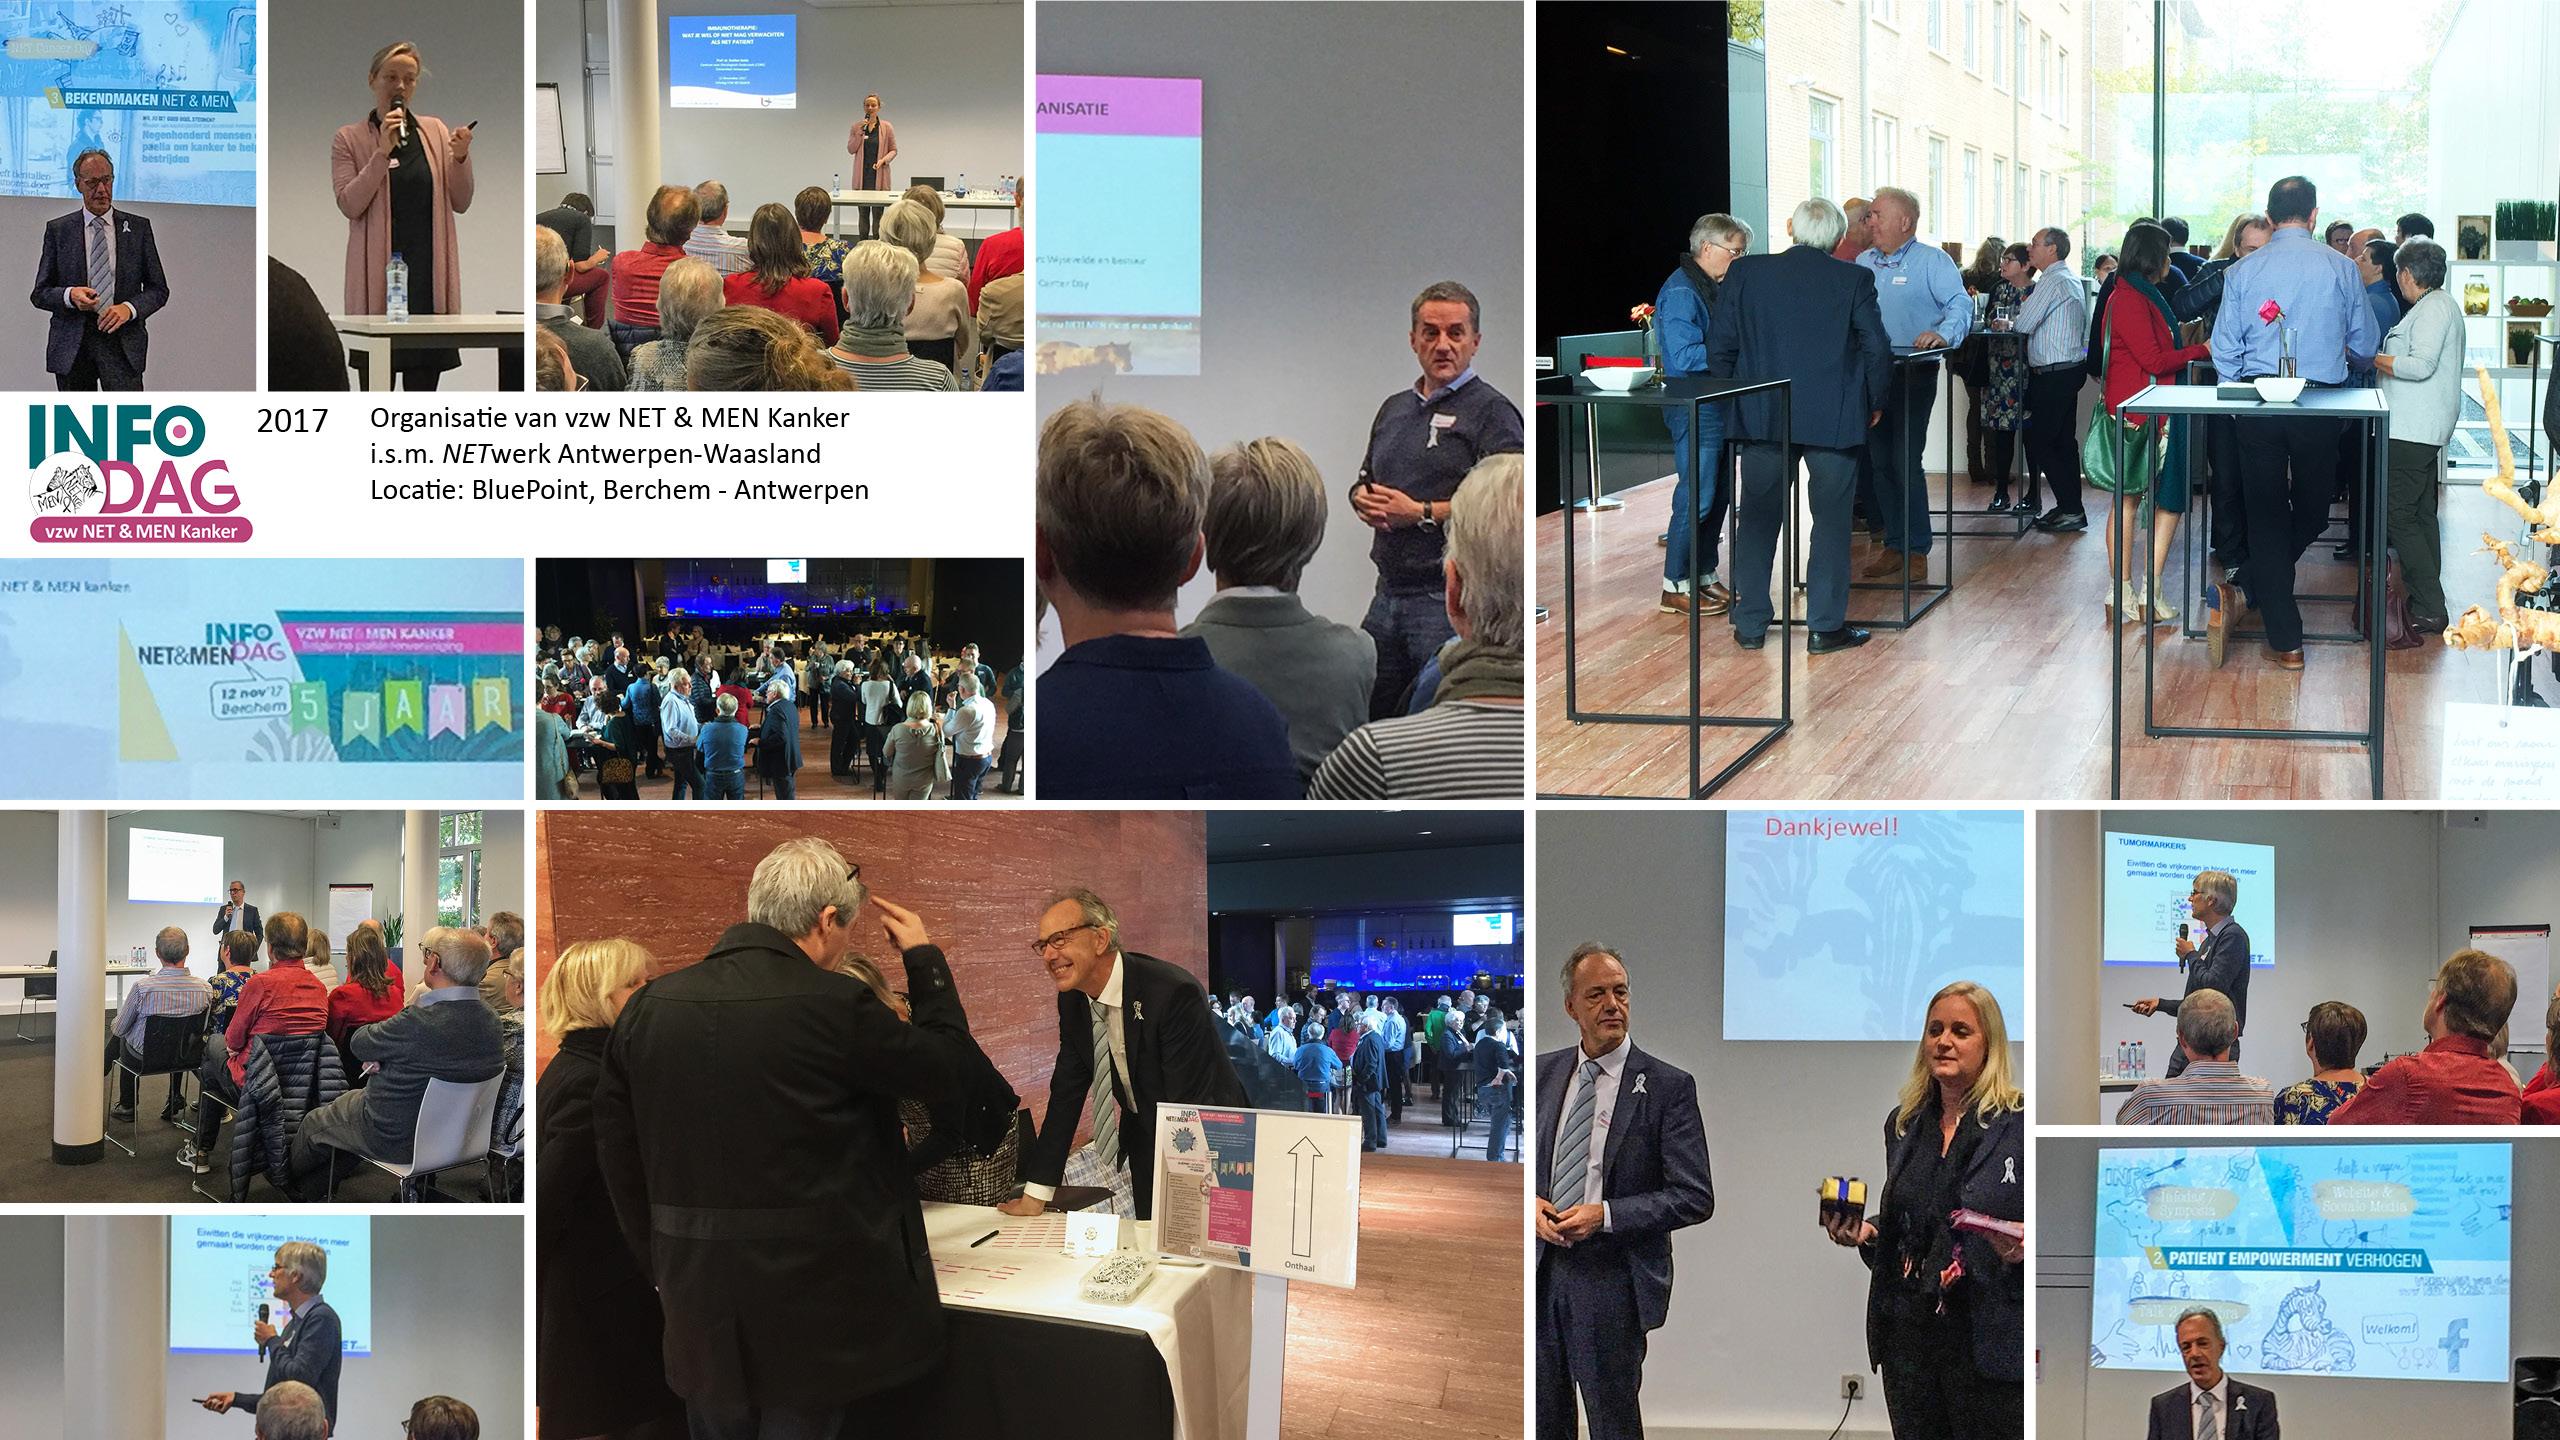 NET & MEN Infodag neuro-endocriene tumoren in 2017 in samenwerking met NETwerk Antwerpen-Waasland. Locatie: Berchem BleuPoint